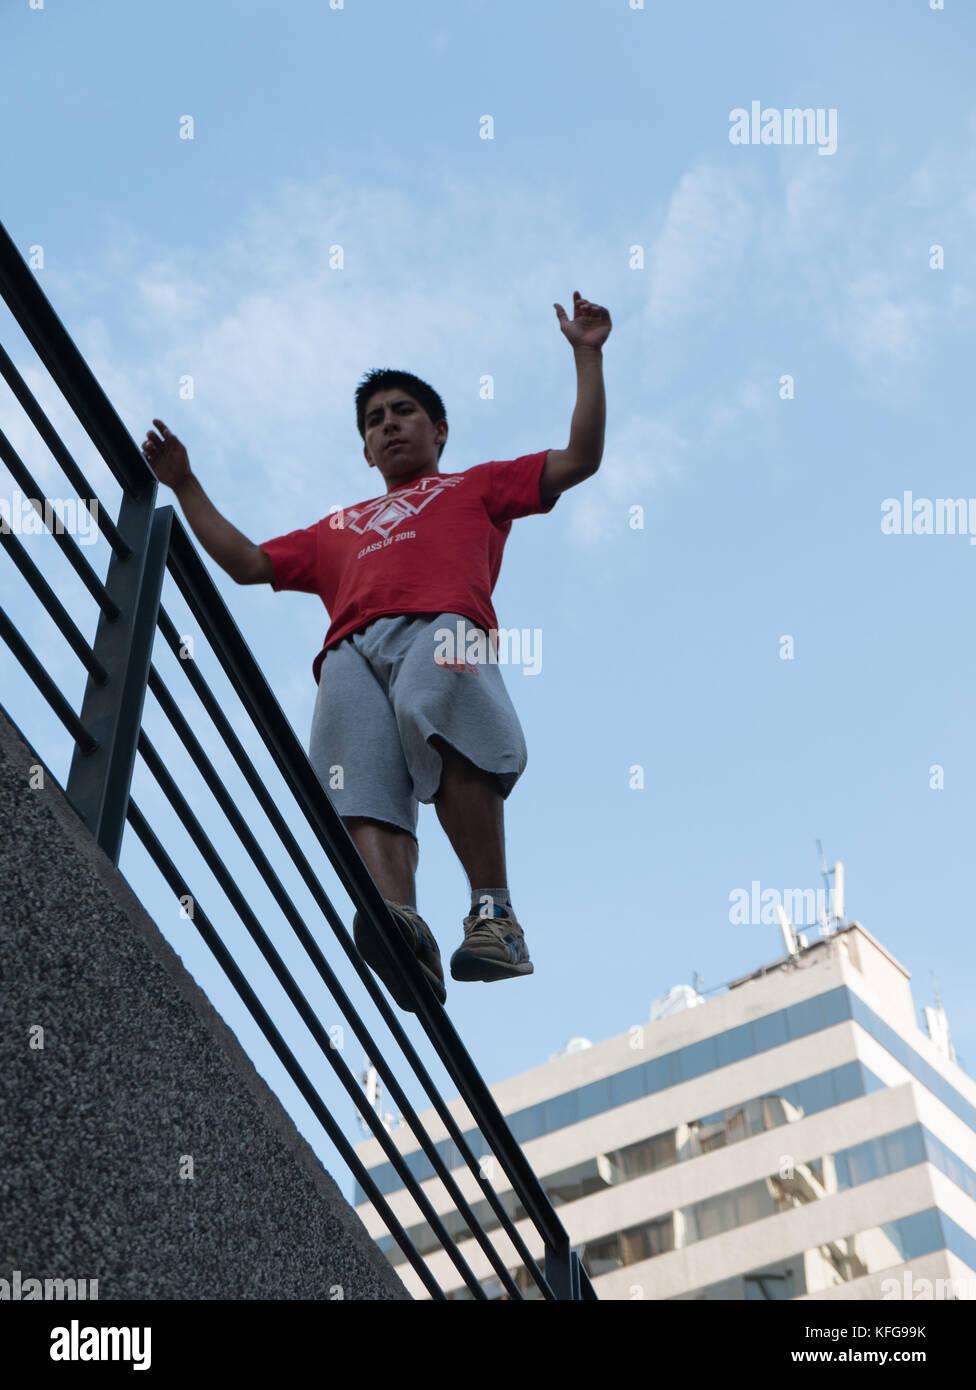 Junger Mann in Santiago de Chile engagiert in Parkour durch Balancieren auf einem Geländer hoch über dem Stockbild